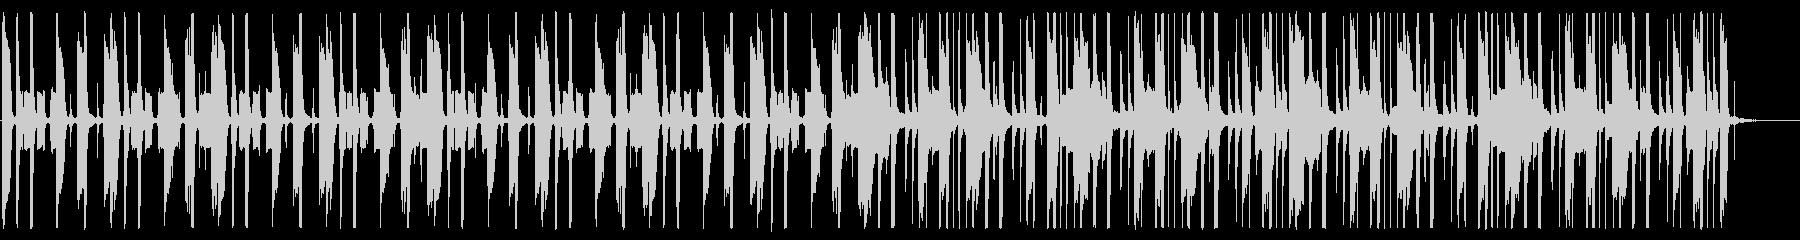 這い寄るHiphop_No485_2の未再生の波形